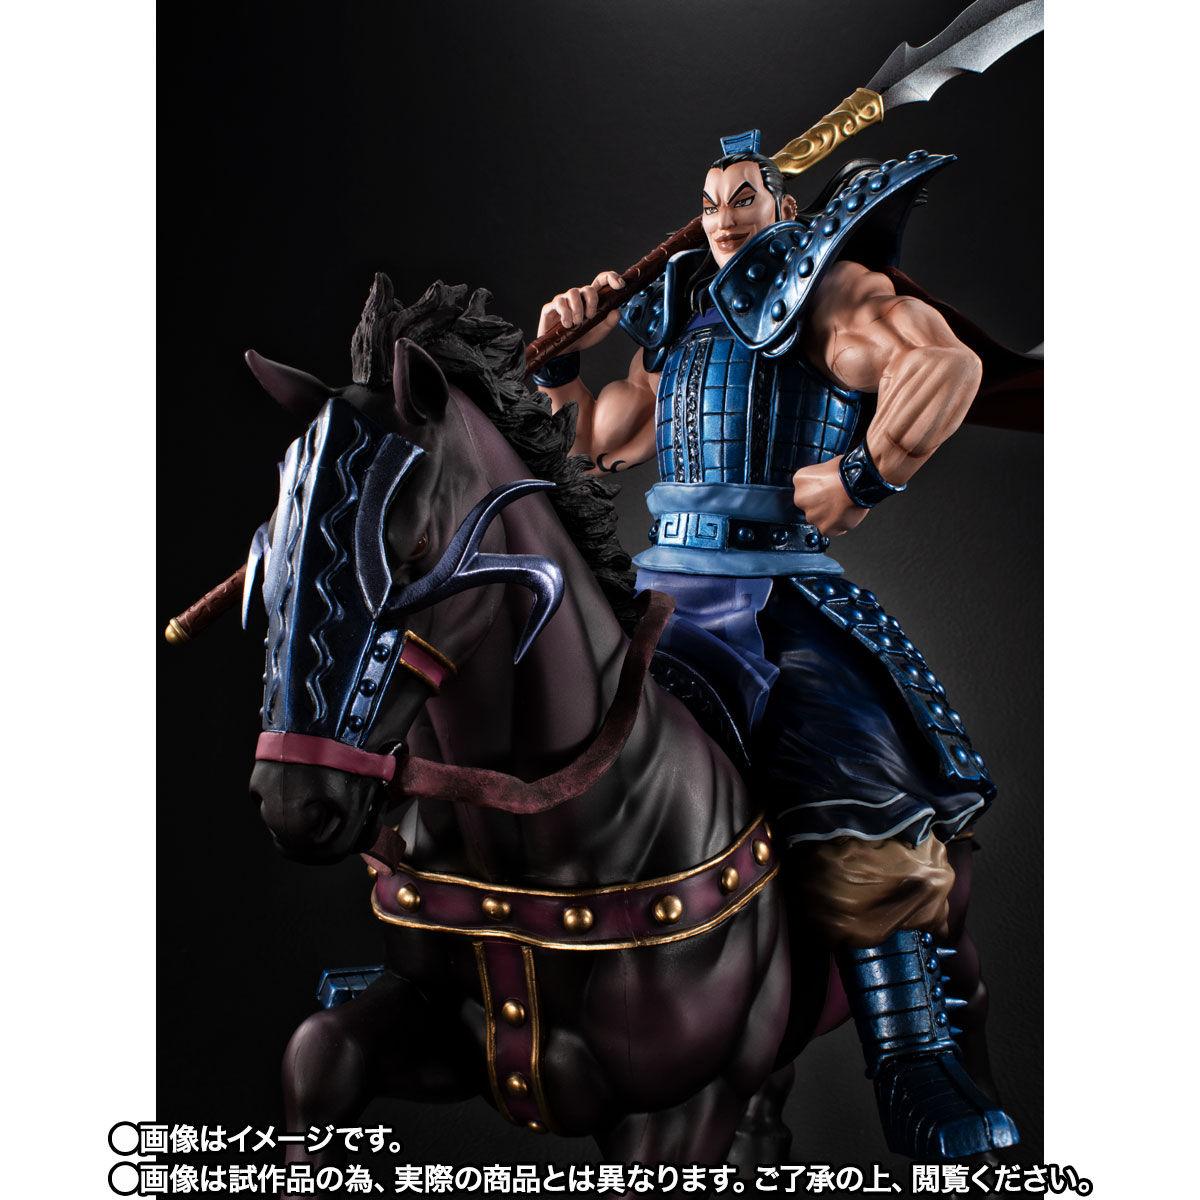 【限定販売】フィギュアーツZERO『王騎 -出陣-』キングダム 完成品フィギュア-008